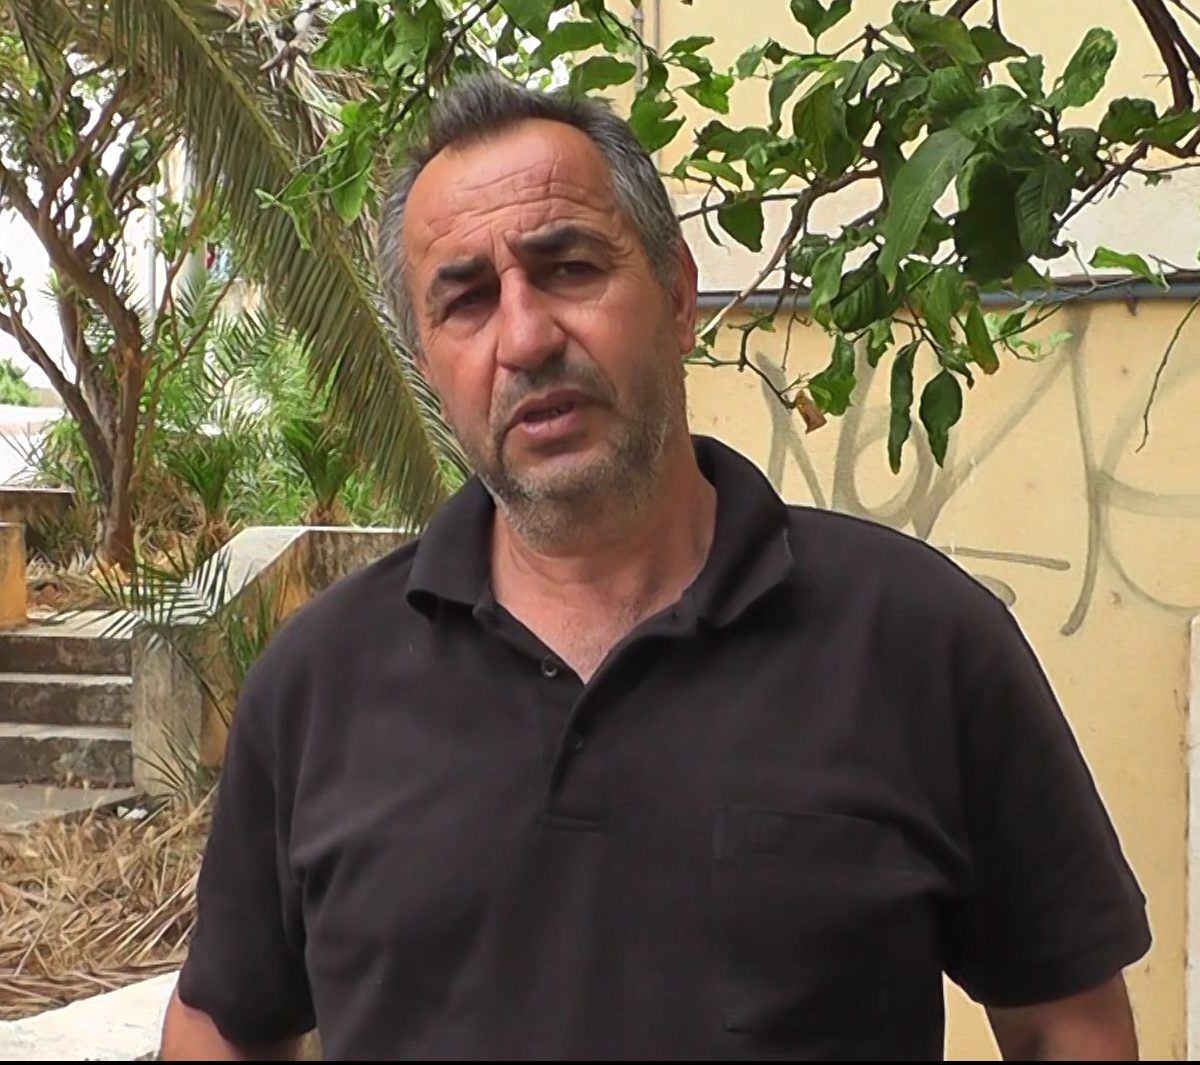 Γιώργος Βενιεράκης, πρόεδρος του Κτηνοτροφικού Συλλόγου Ρεθύμνου